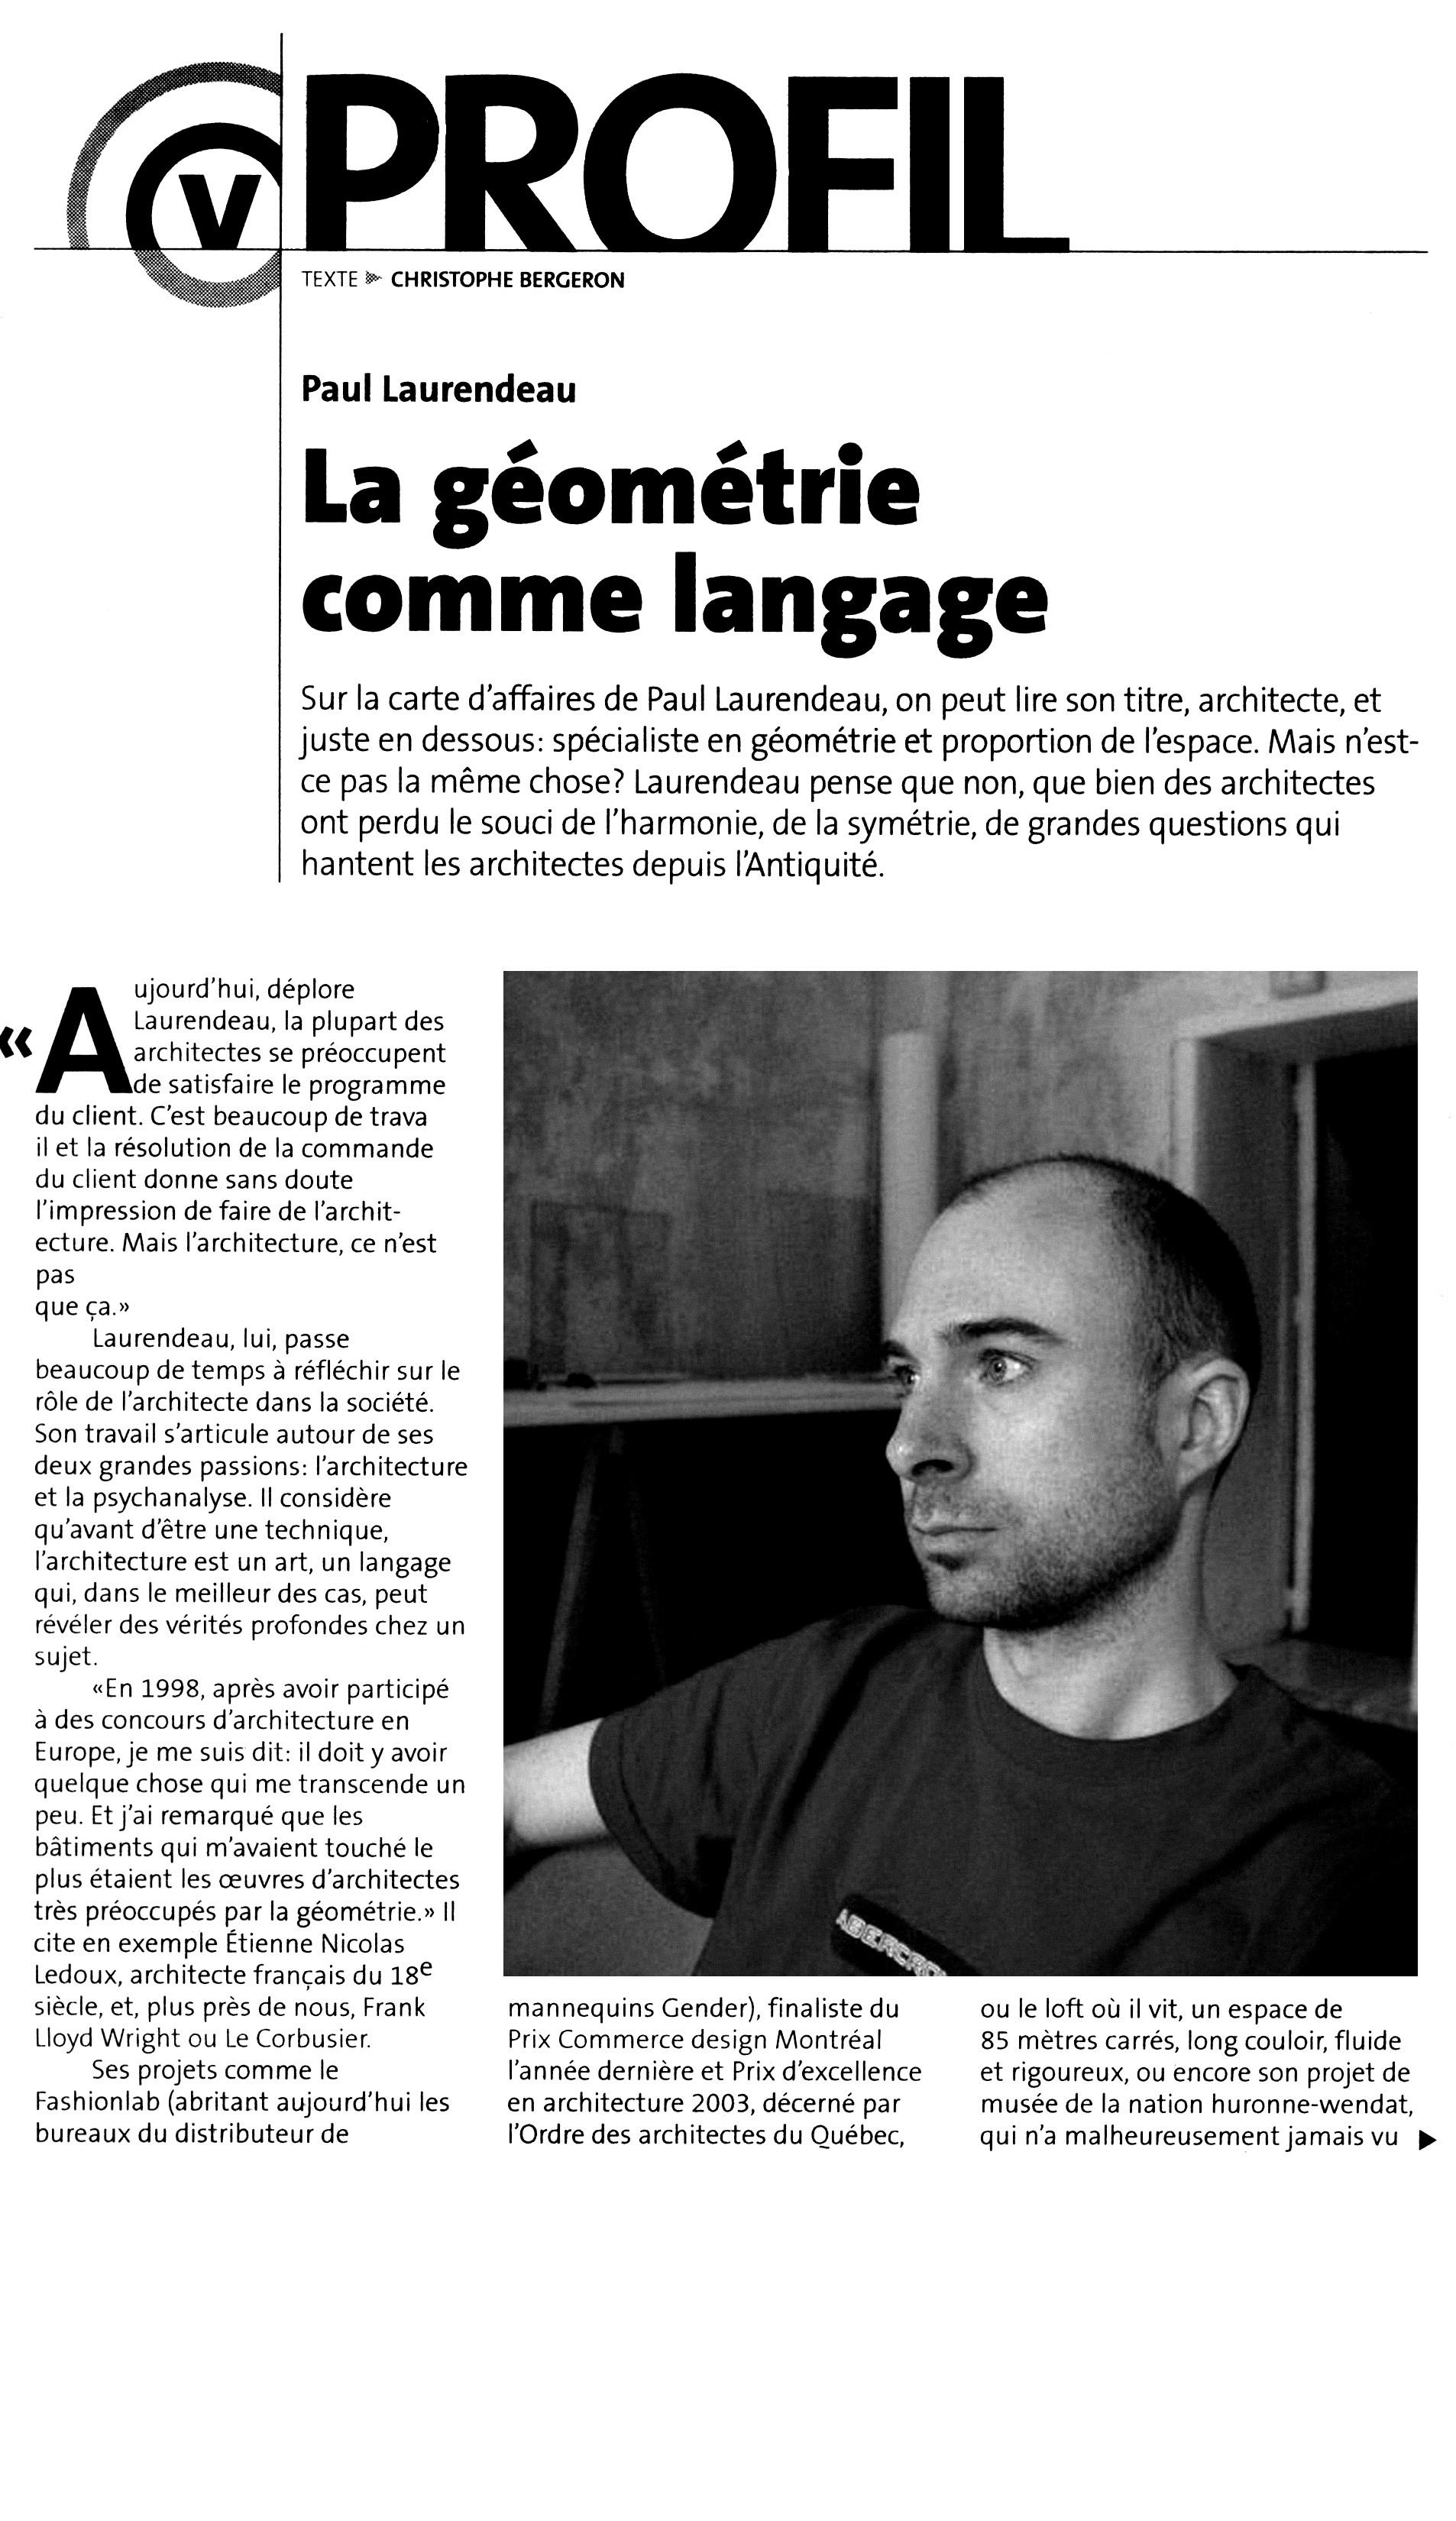 Copy of Paul Laurendeau La geometrie comme langage